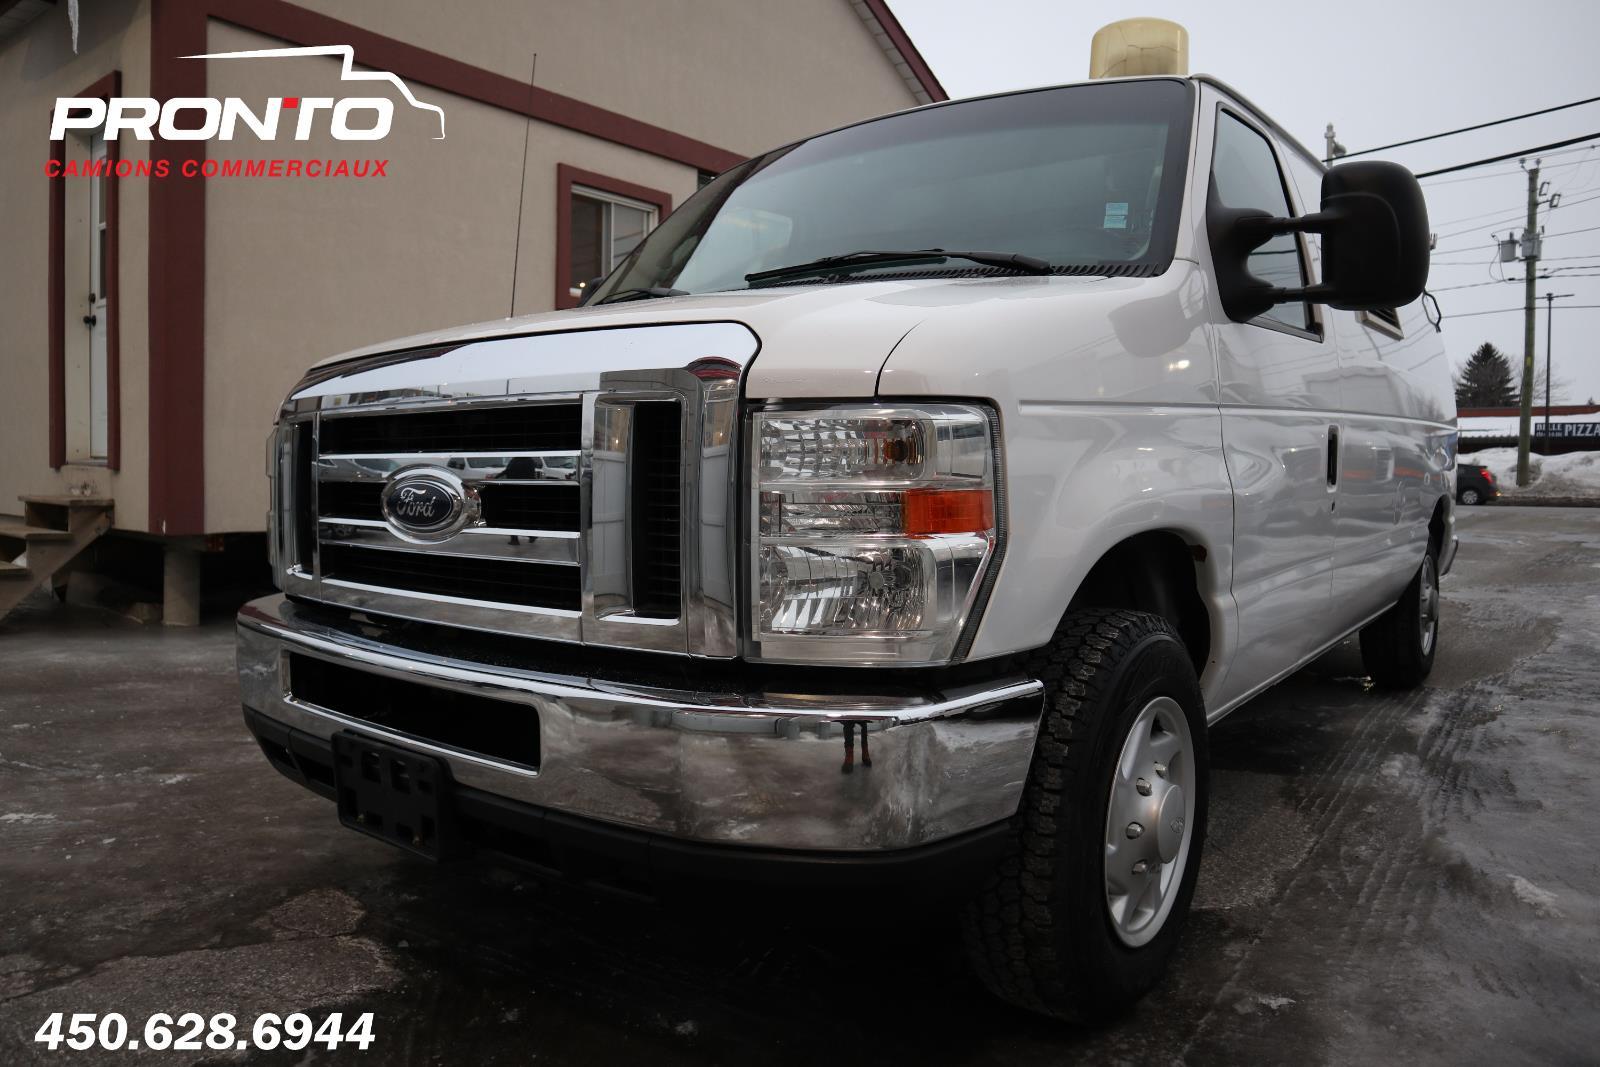 Ford Econoline Cargo Van 2009 E-150 ** Voir équipement ** #1773